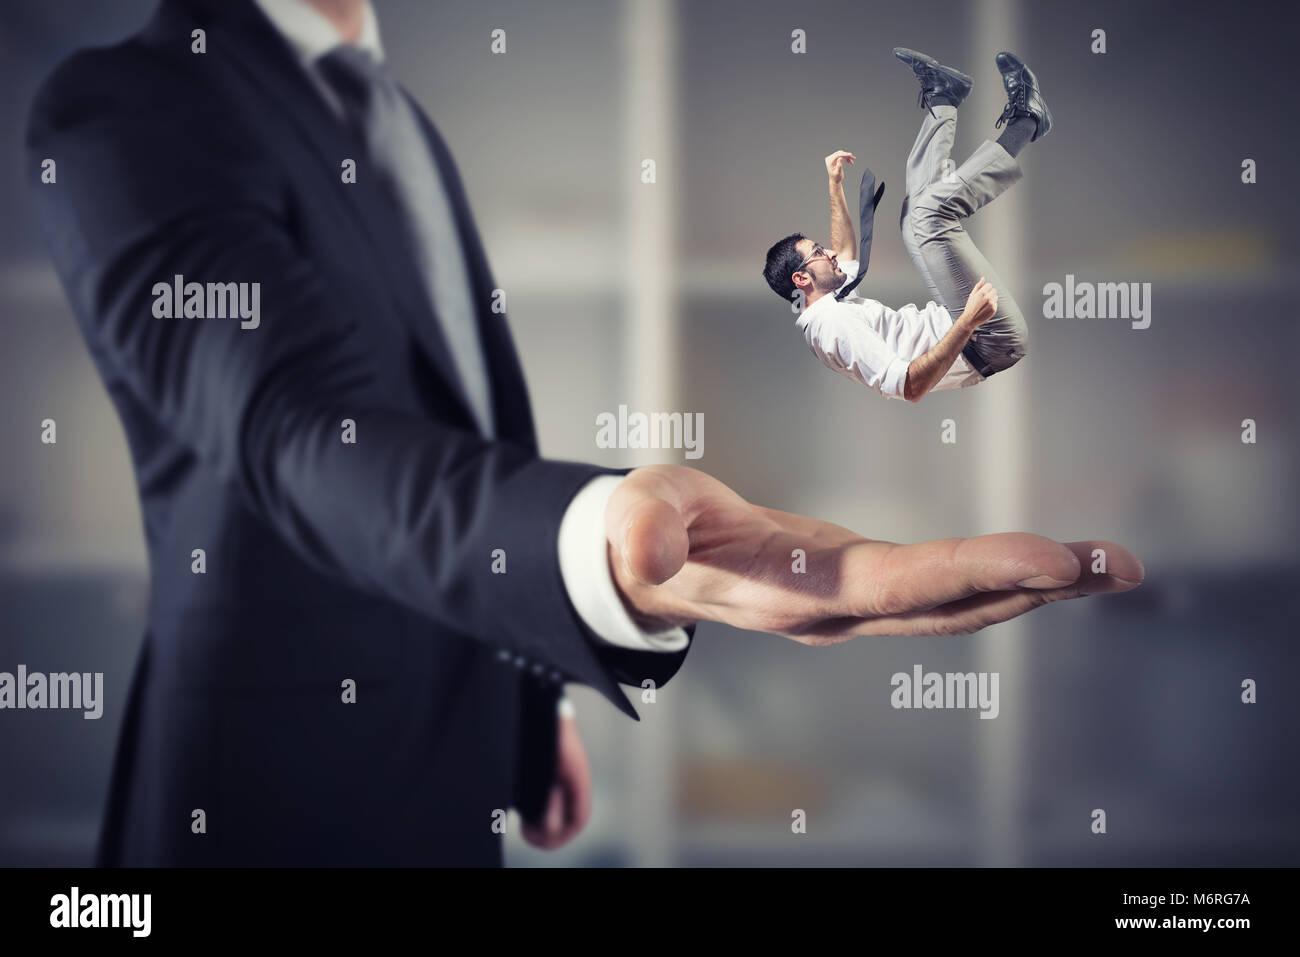 Homme d'affaires est sauvé d'une grosse main. Concept de l'aide et de soutien aux entreprises Photo Stock